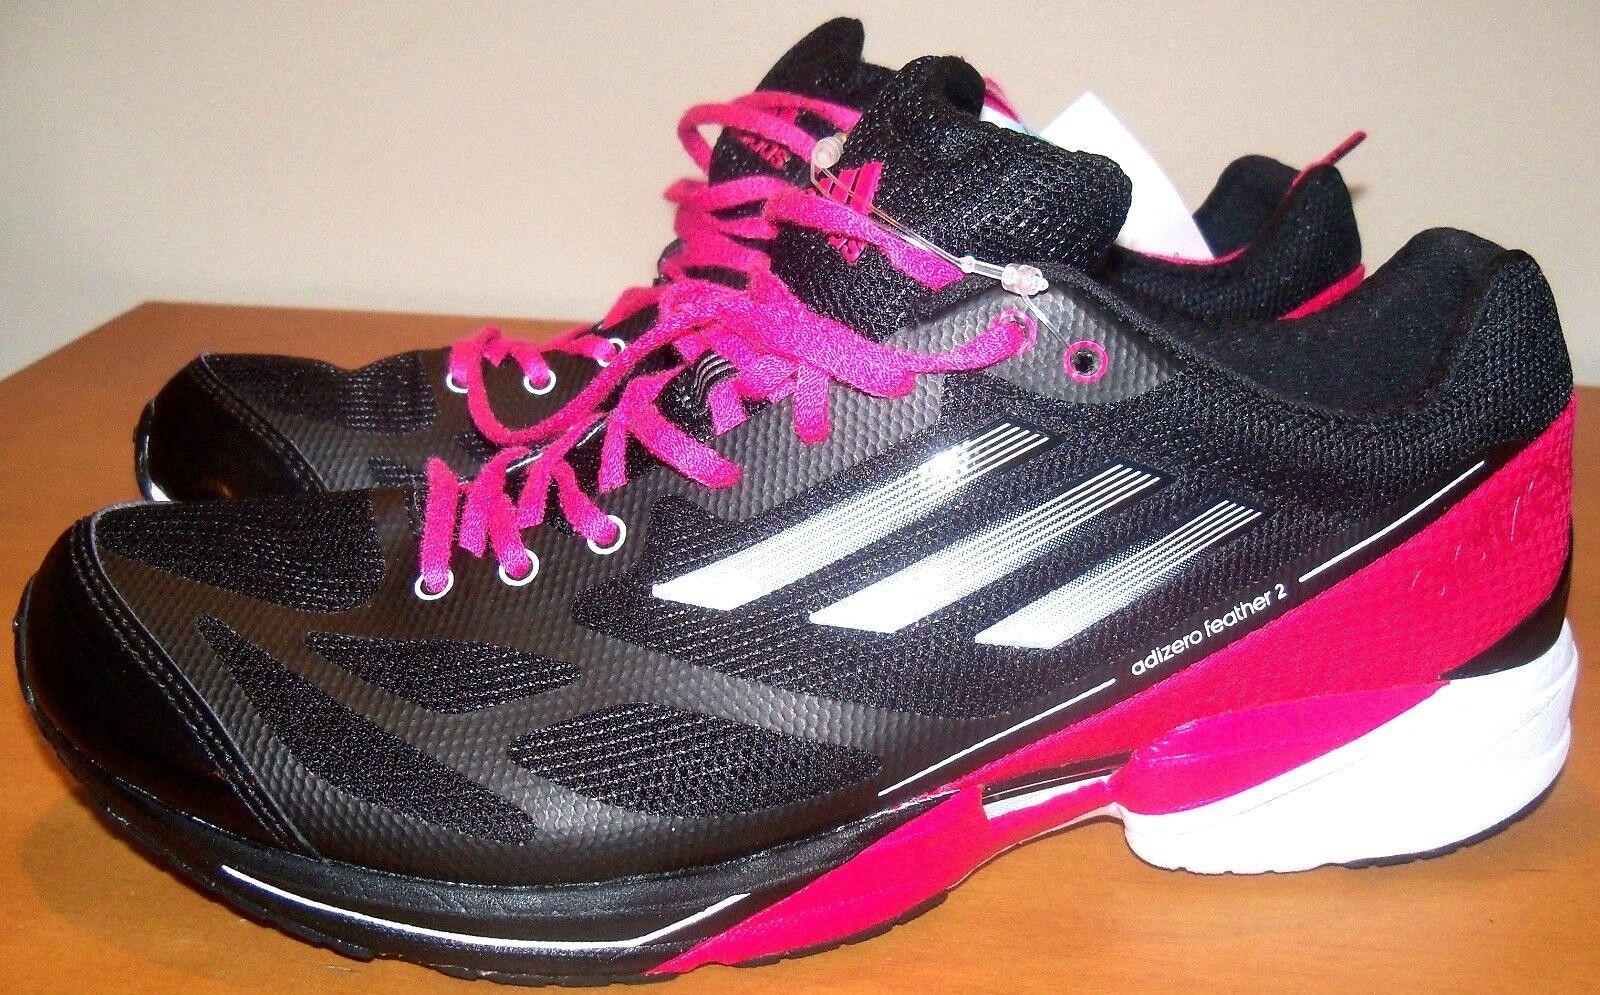 Adidas Adizero Sz 9 mujeres tenis de correr-Negro-Nuevo Sin Sin Sin Caja SHO-11  envío rápido en todo el mundo